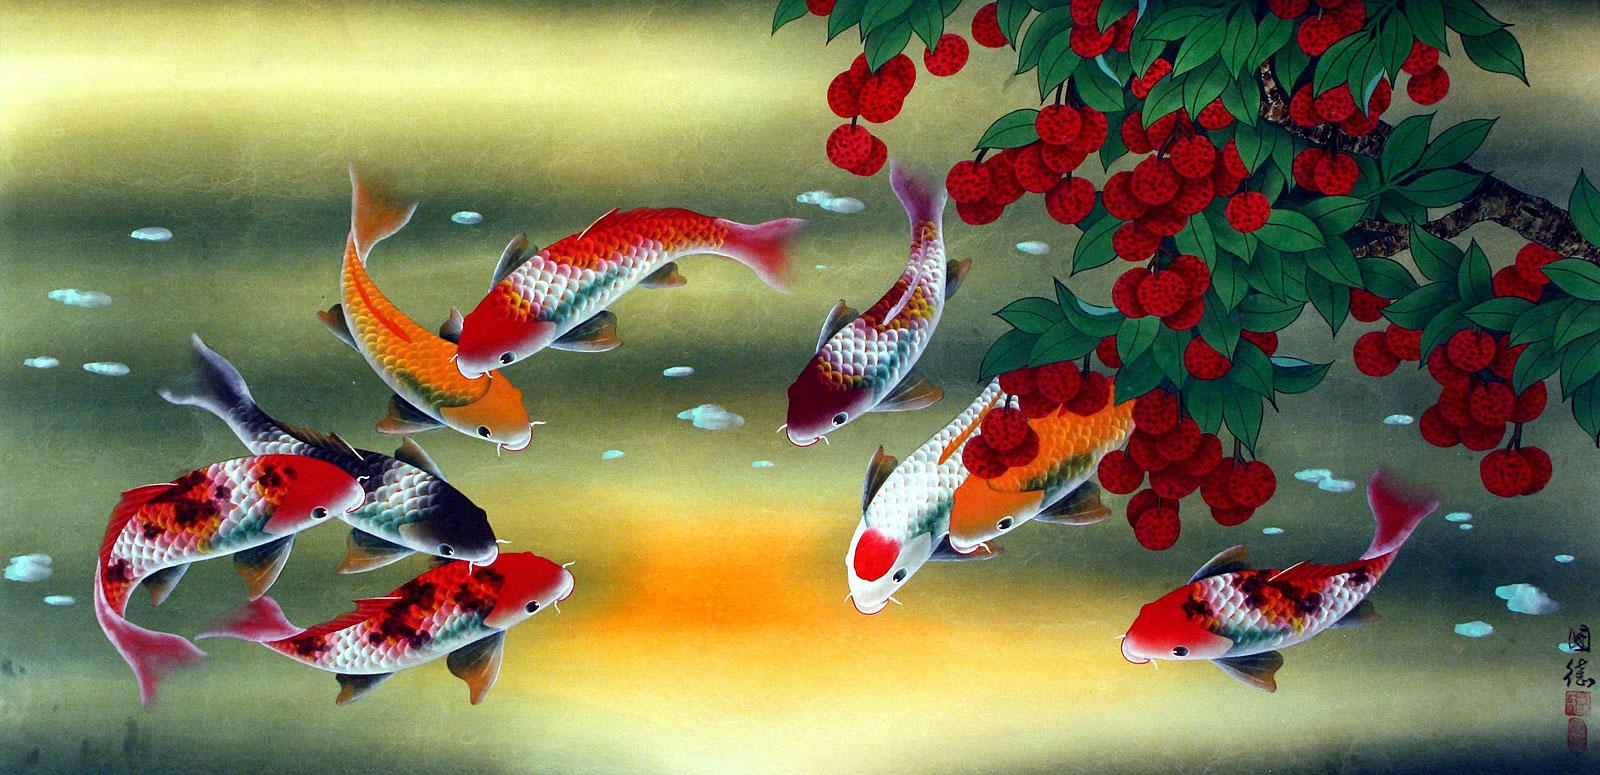 Картинки по запросу japanese koi fish painting | Рисунки | Pinterest ...